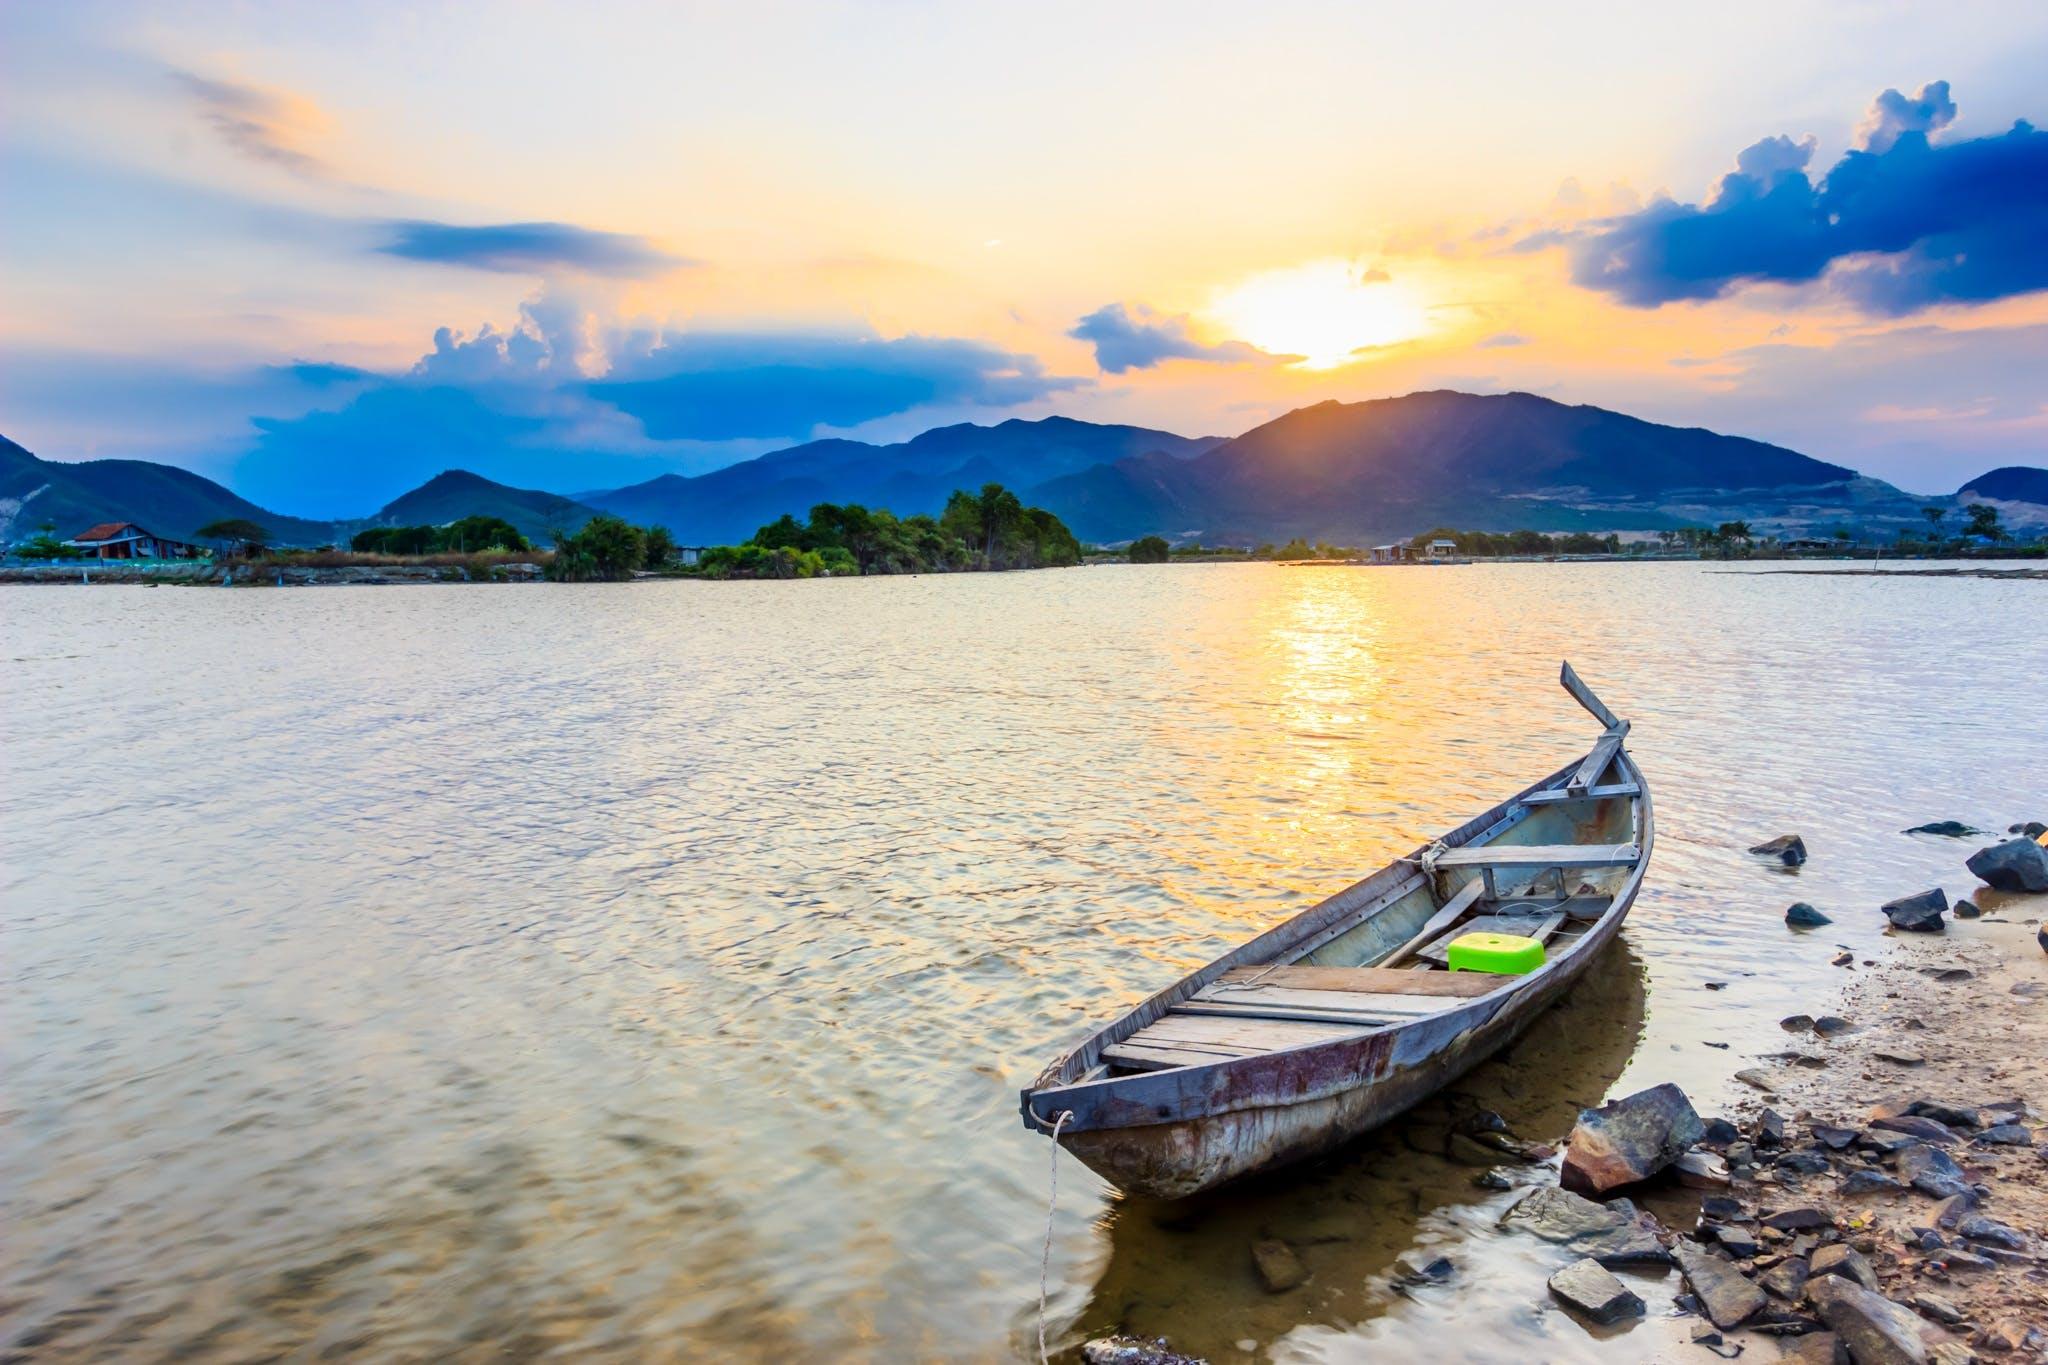 Gray Rowboat on Seashore